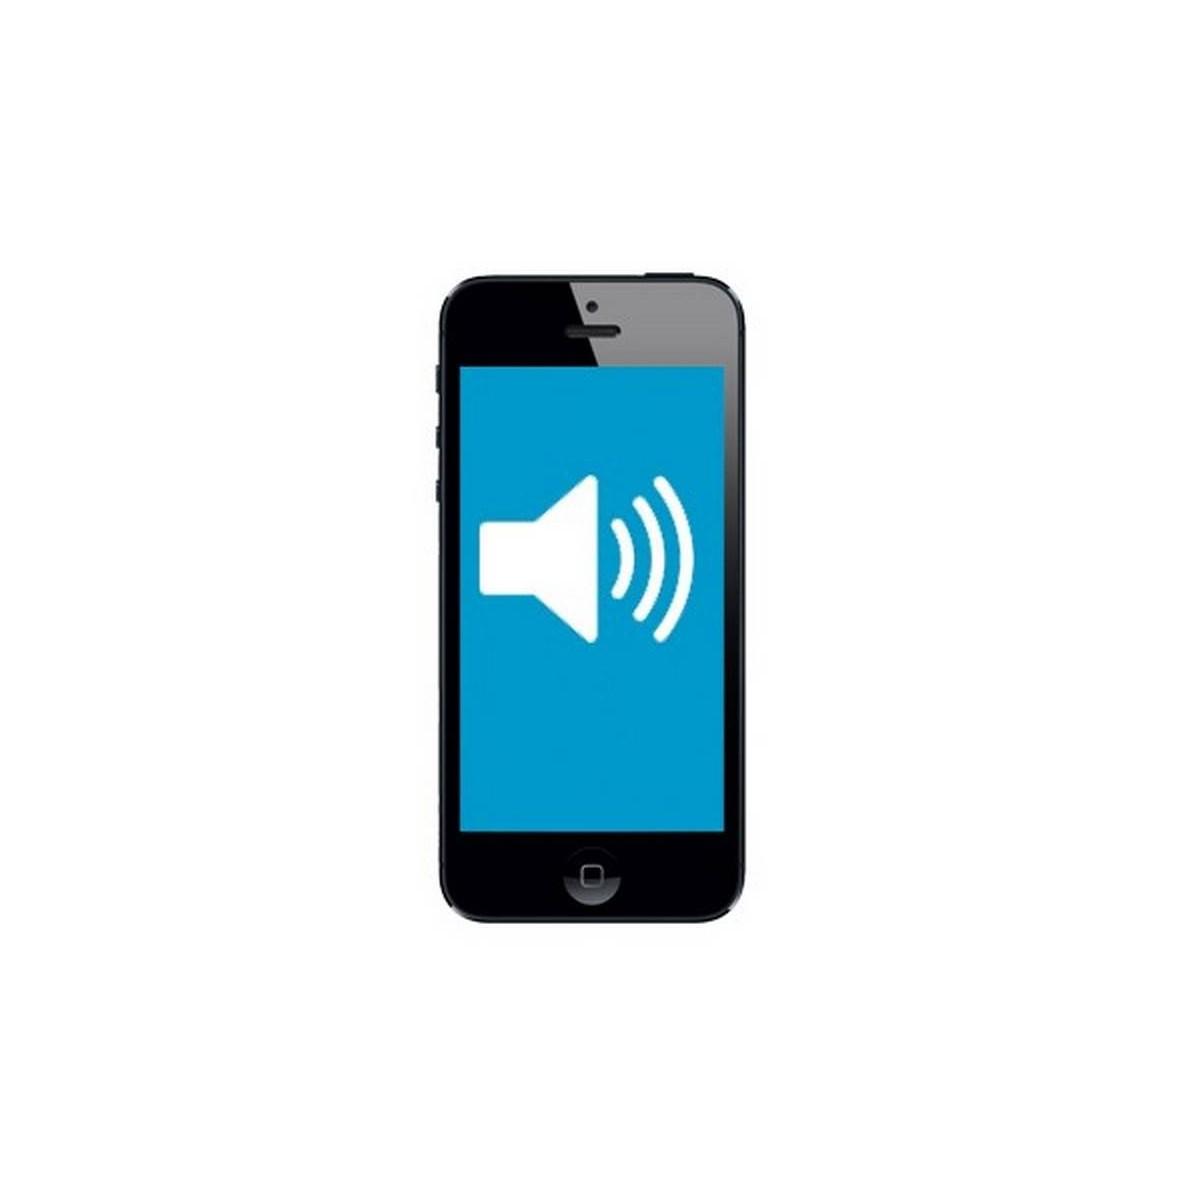 sustitucion del altavoz polifonico iphone 5 5s 5c